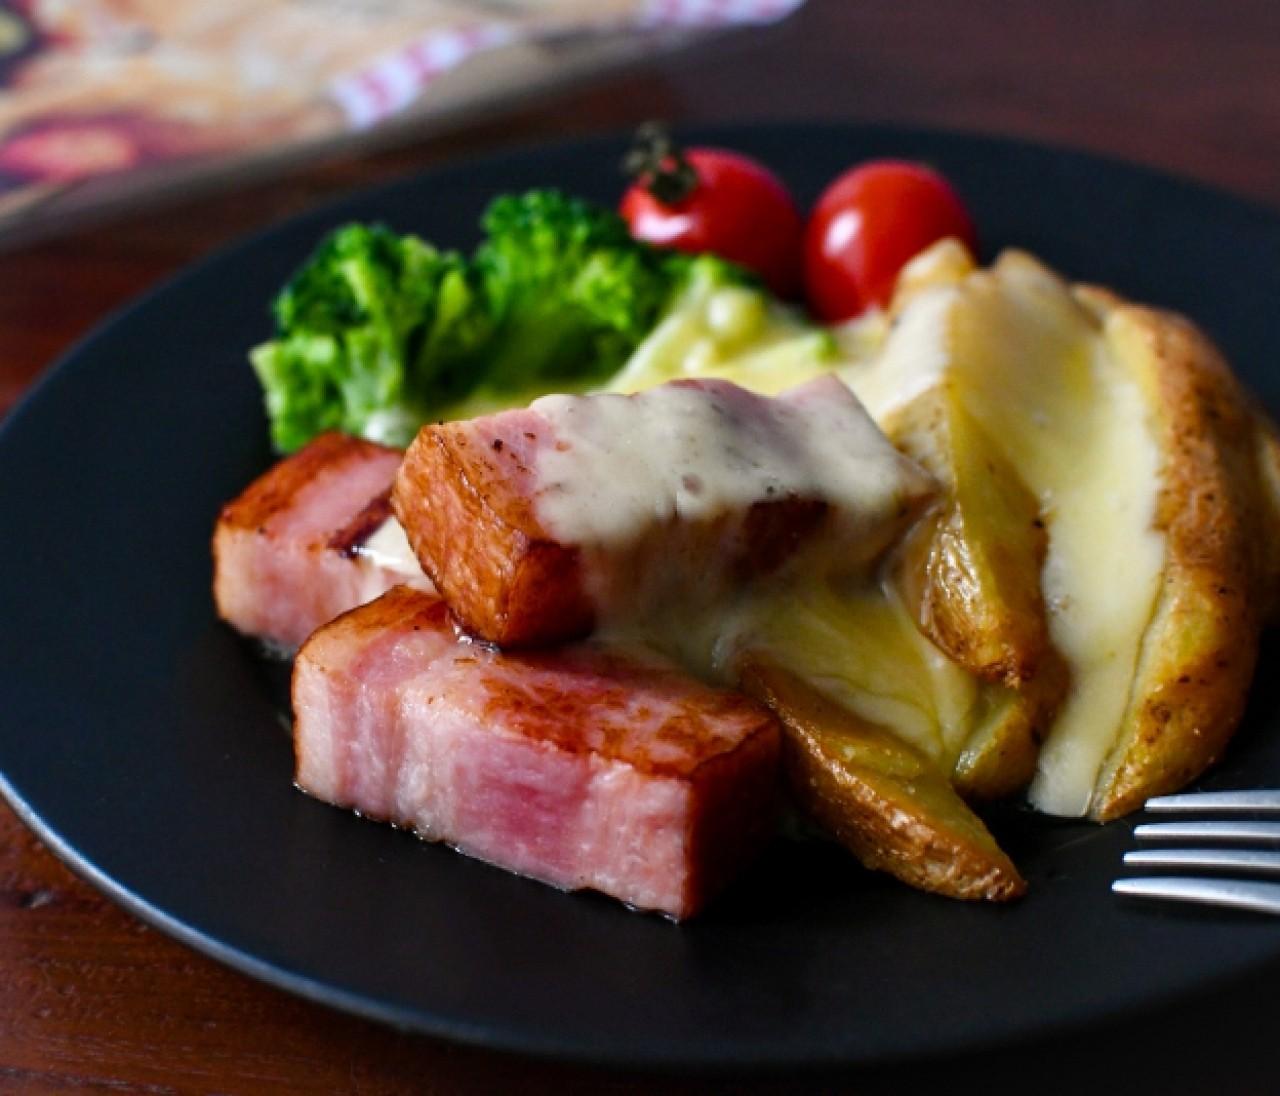 【カルディおすすめ】チーズ好き悶絶!アレンジ無限のおうちラクレットチーズがスゴい!【元フードバイヤーmanamiのコスパなグルメ&スイーツ】